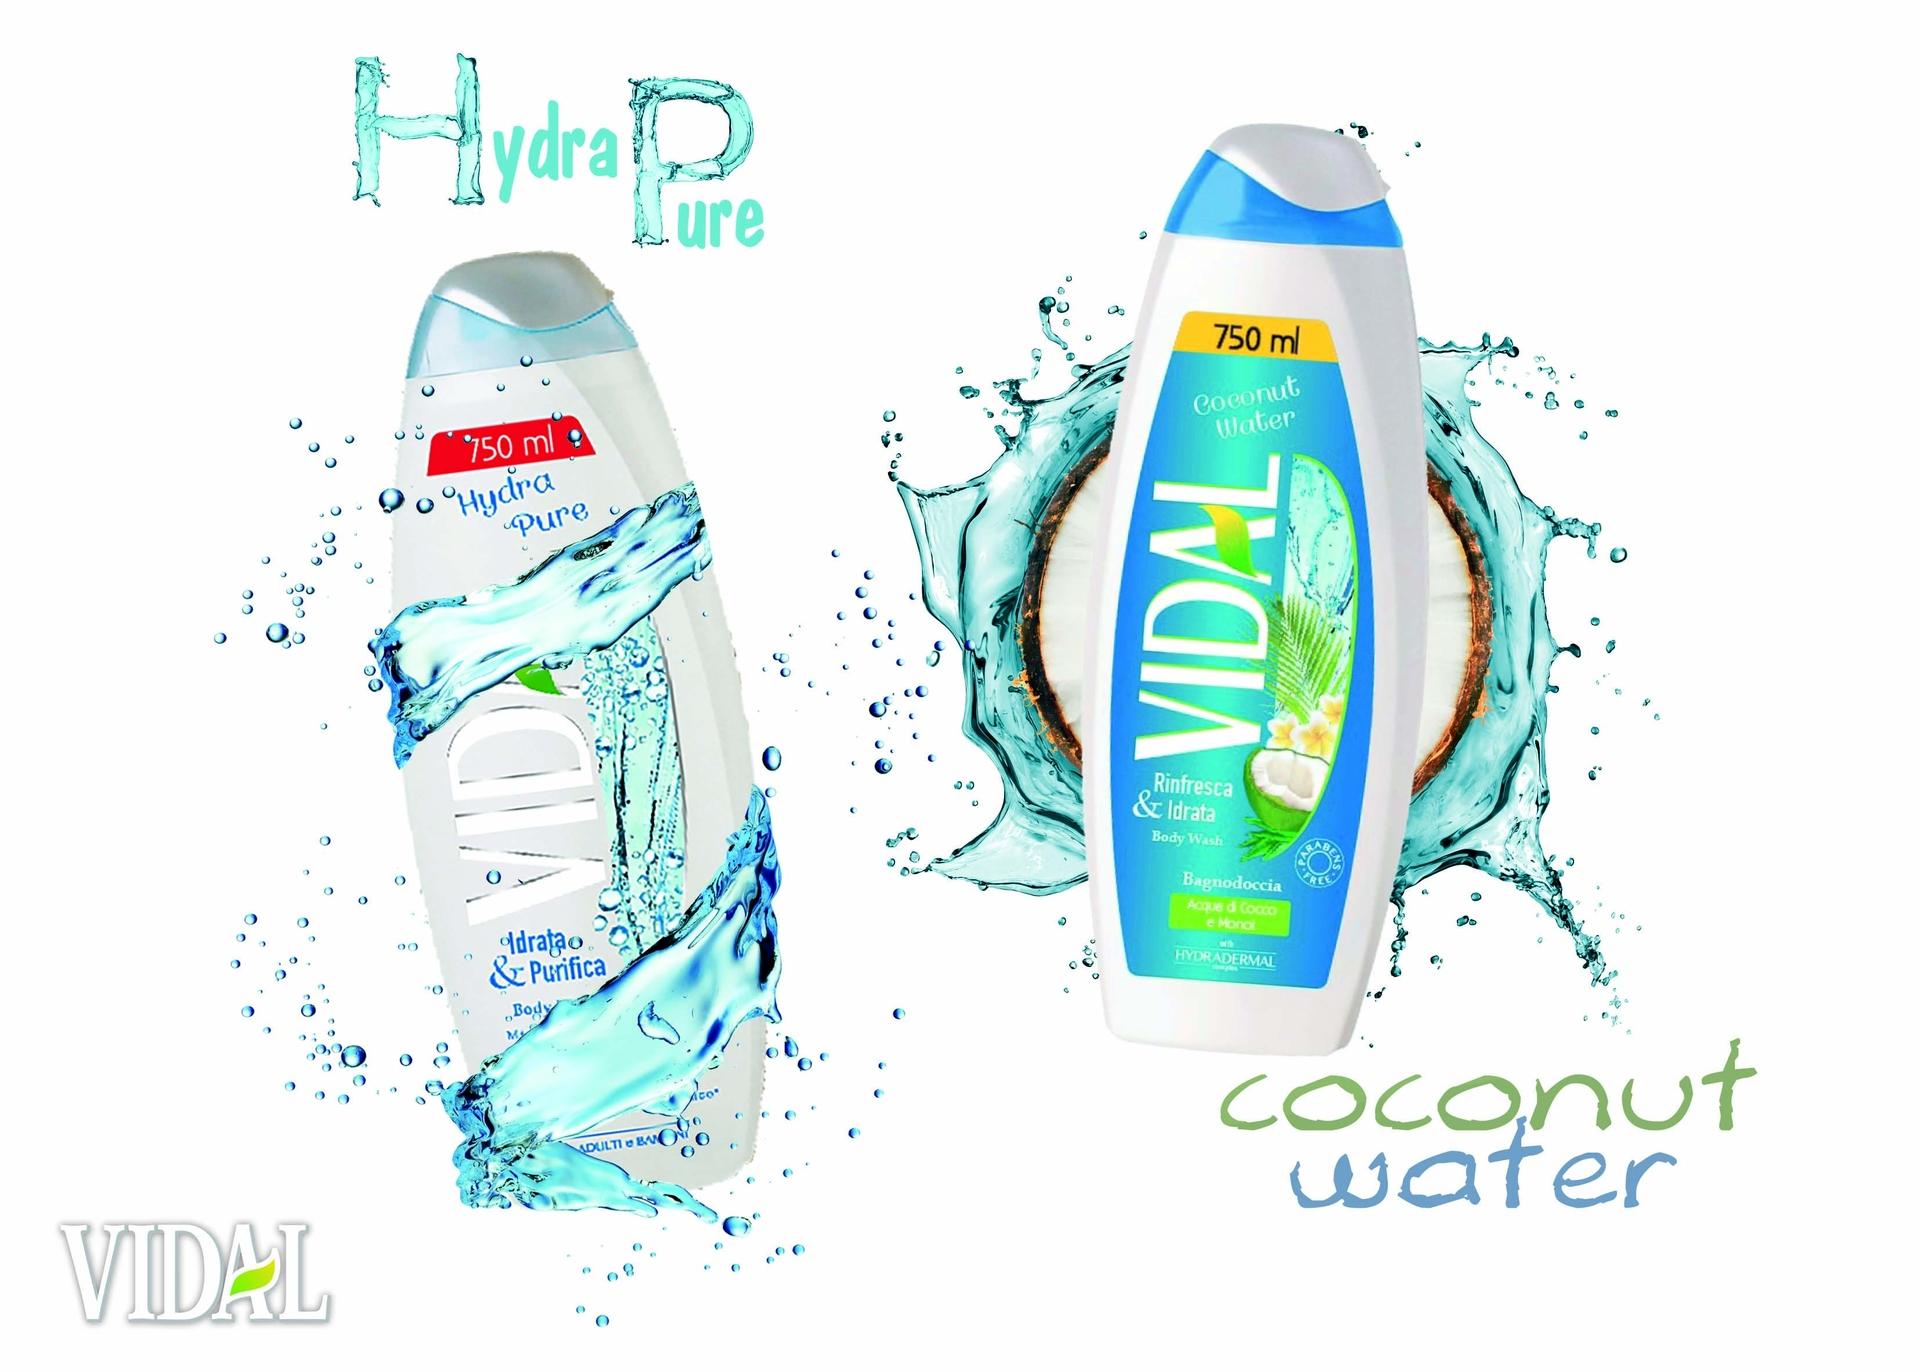 IVidal Coconut Water & Vidal Hydra Pure